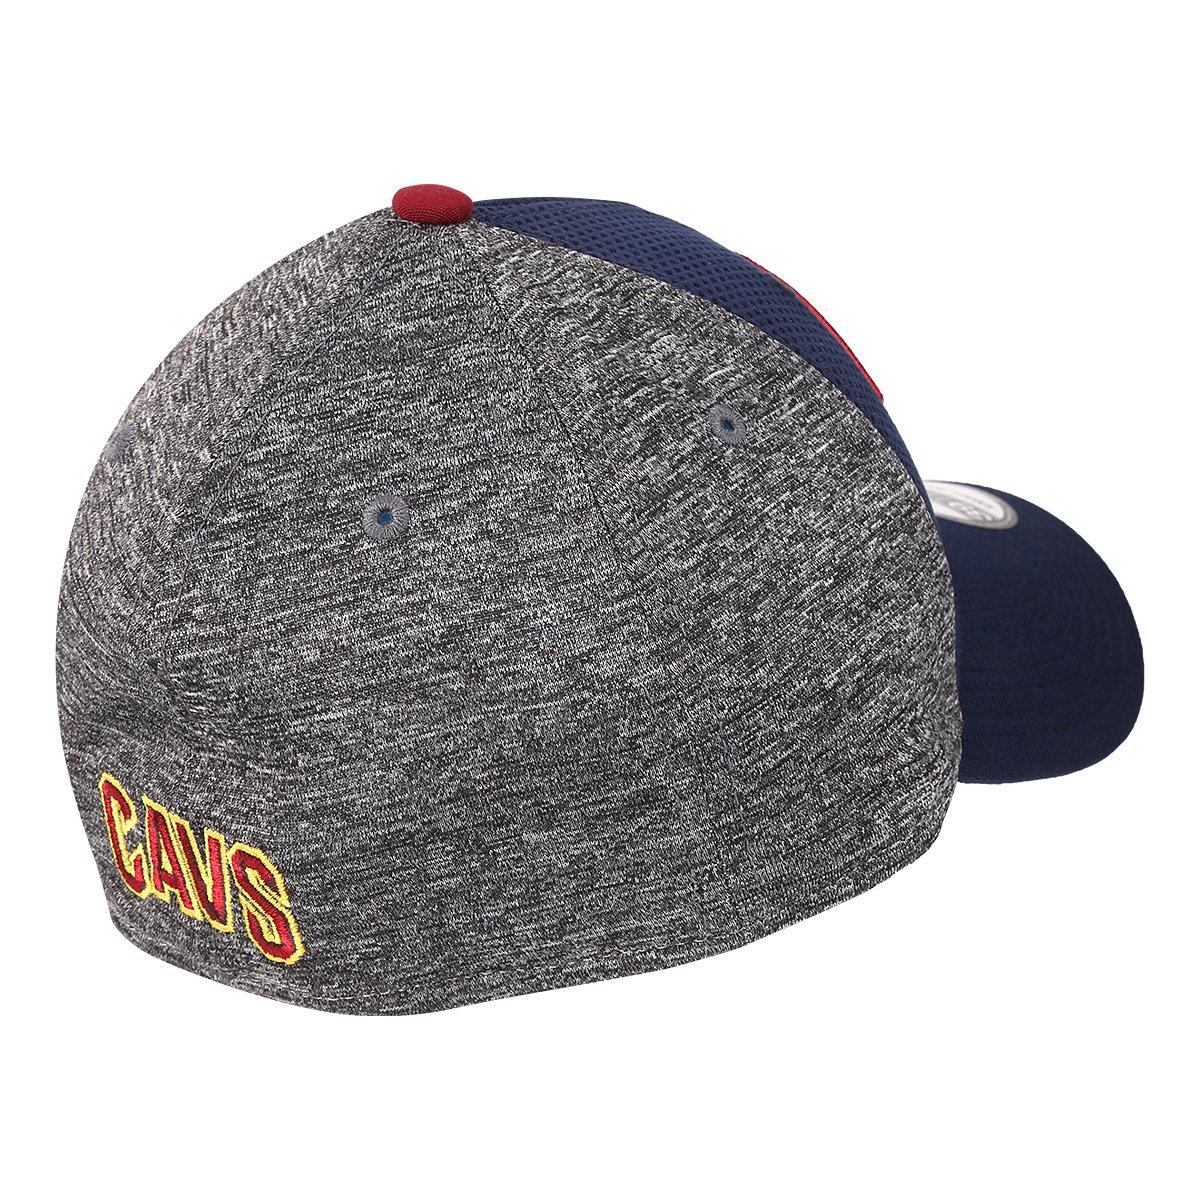 Boné New Era NBA Cleveland Cavaliers Aba Curva 3930 Fg 001 - Compre ... d017d622c3d